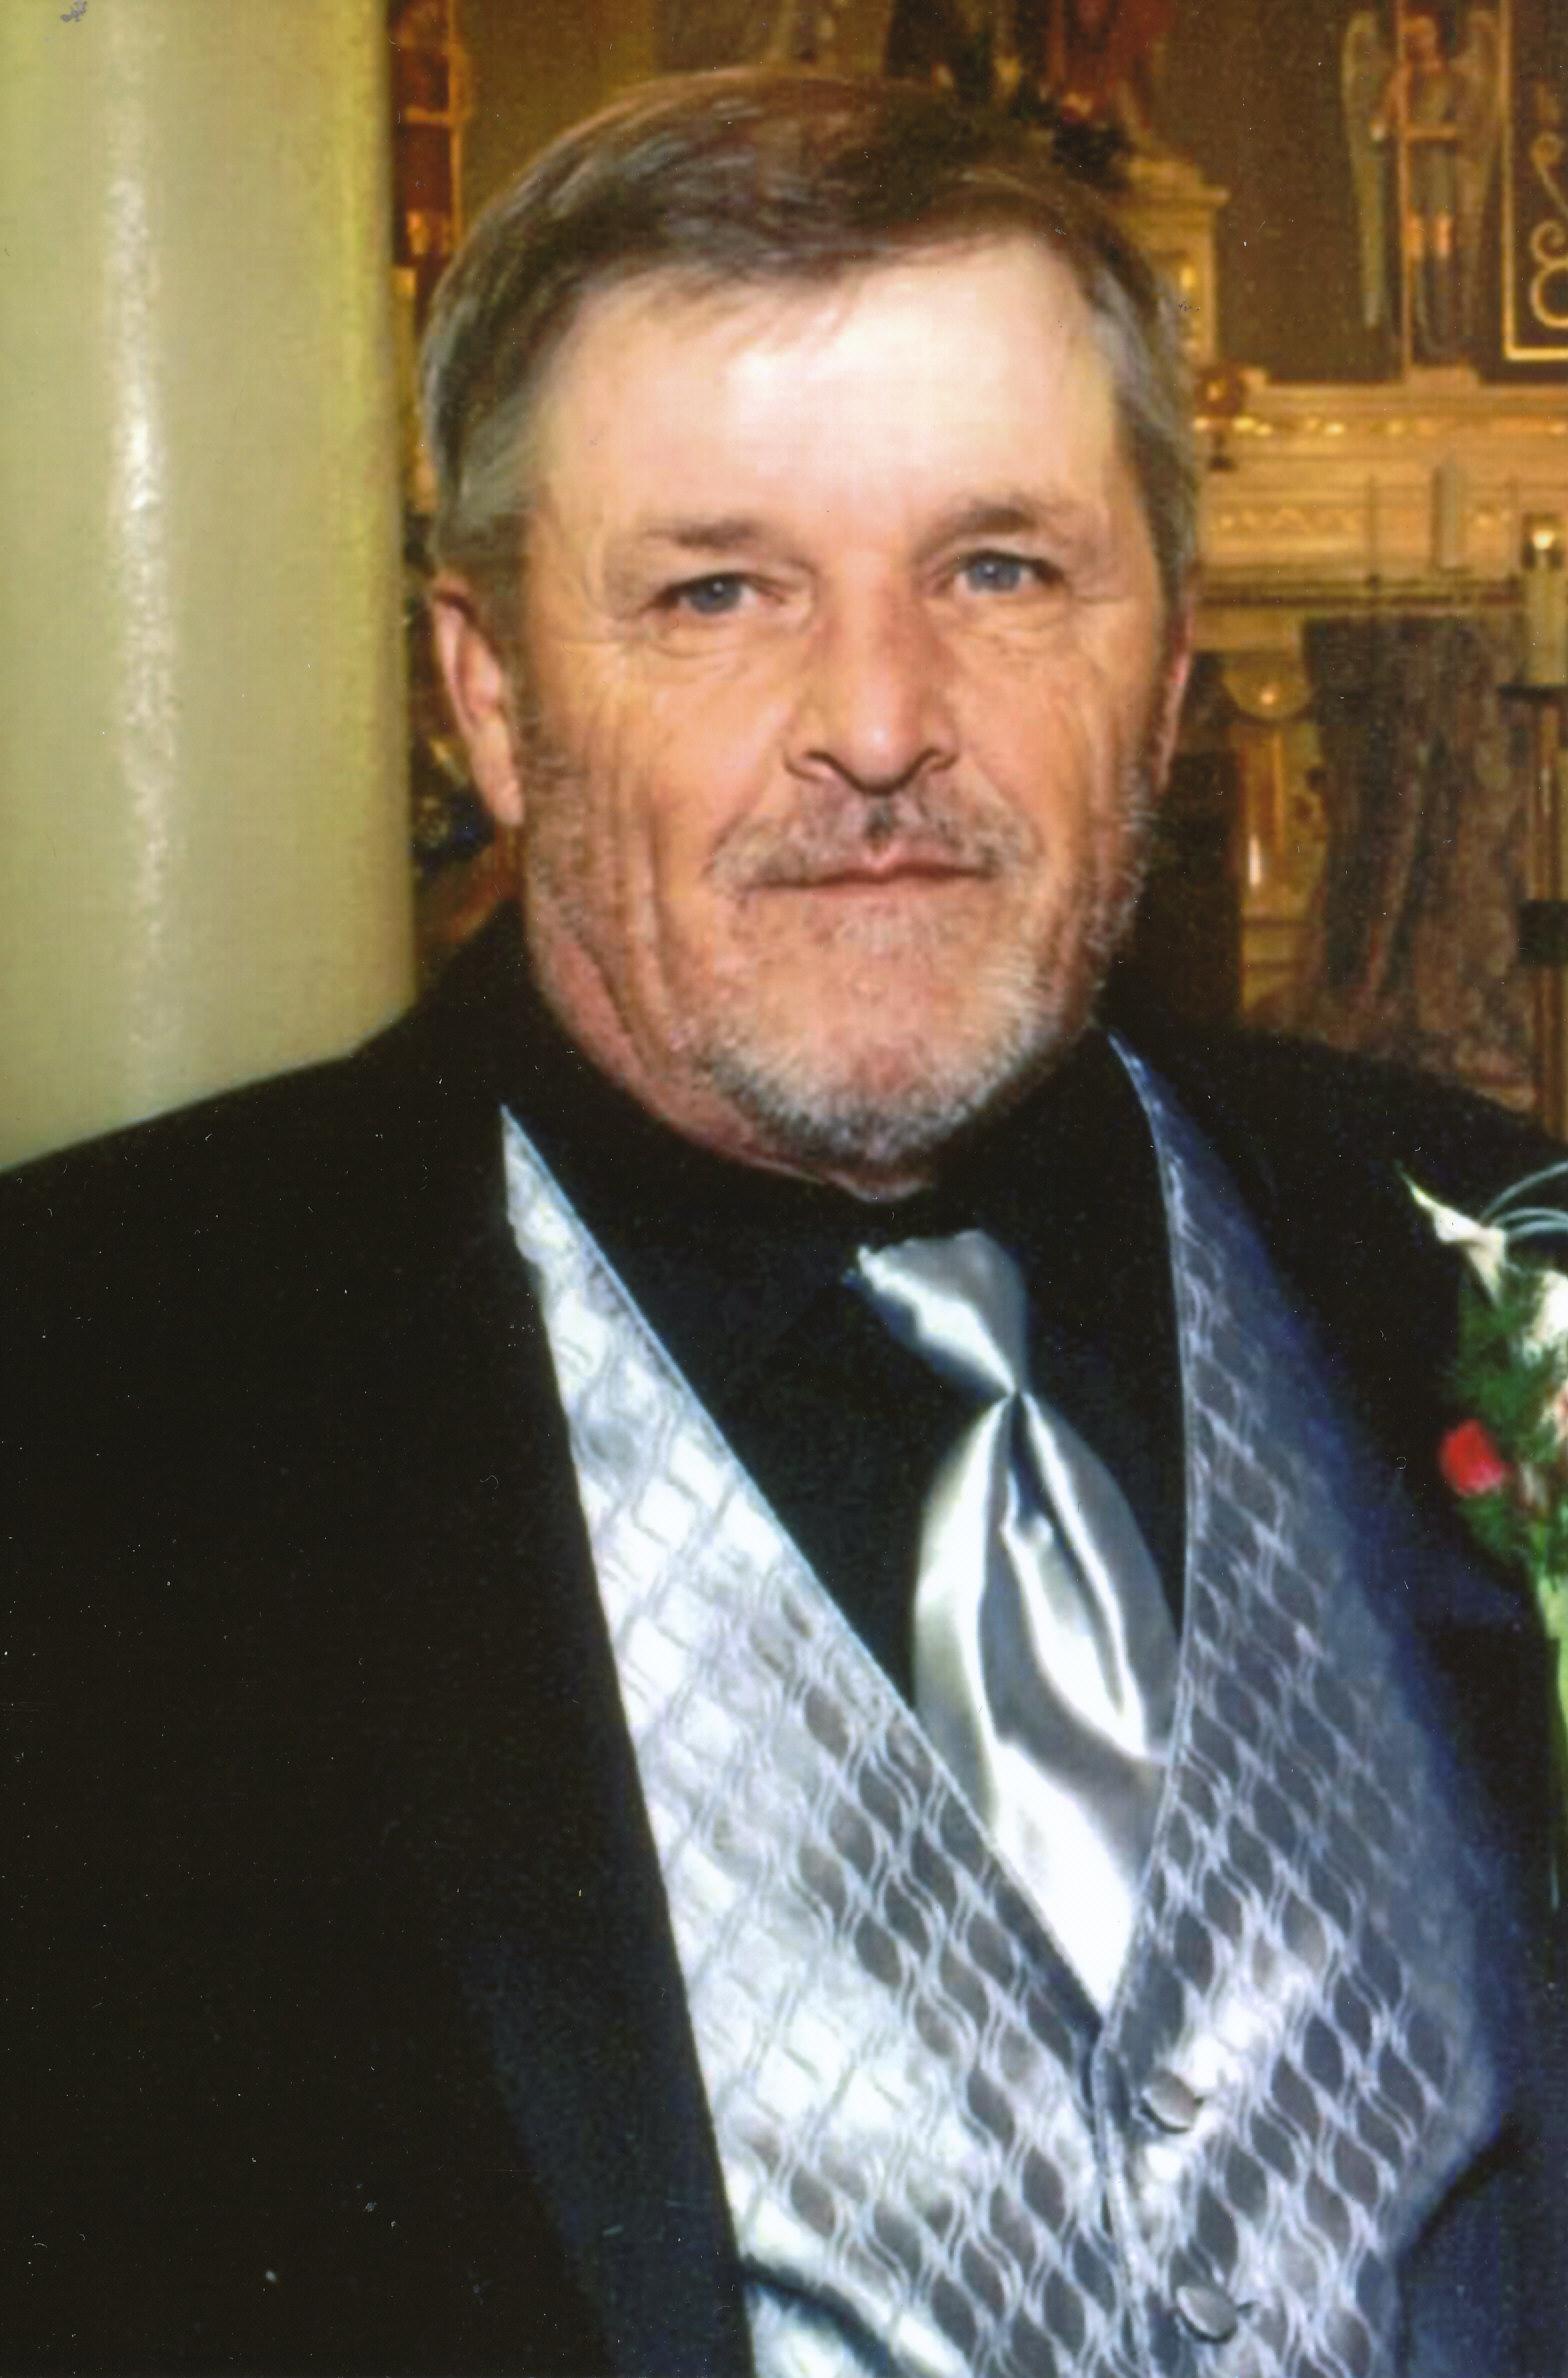 Daniel J. Ruskamp, age 64, of Dodge, Nebraska